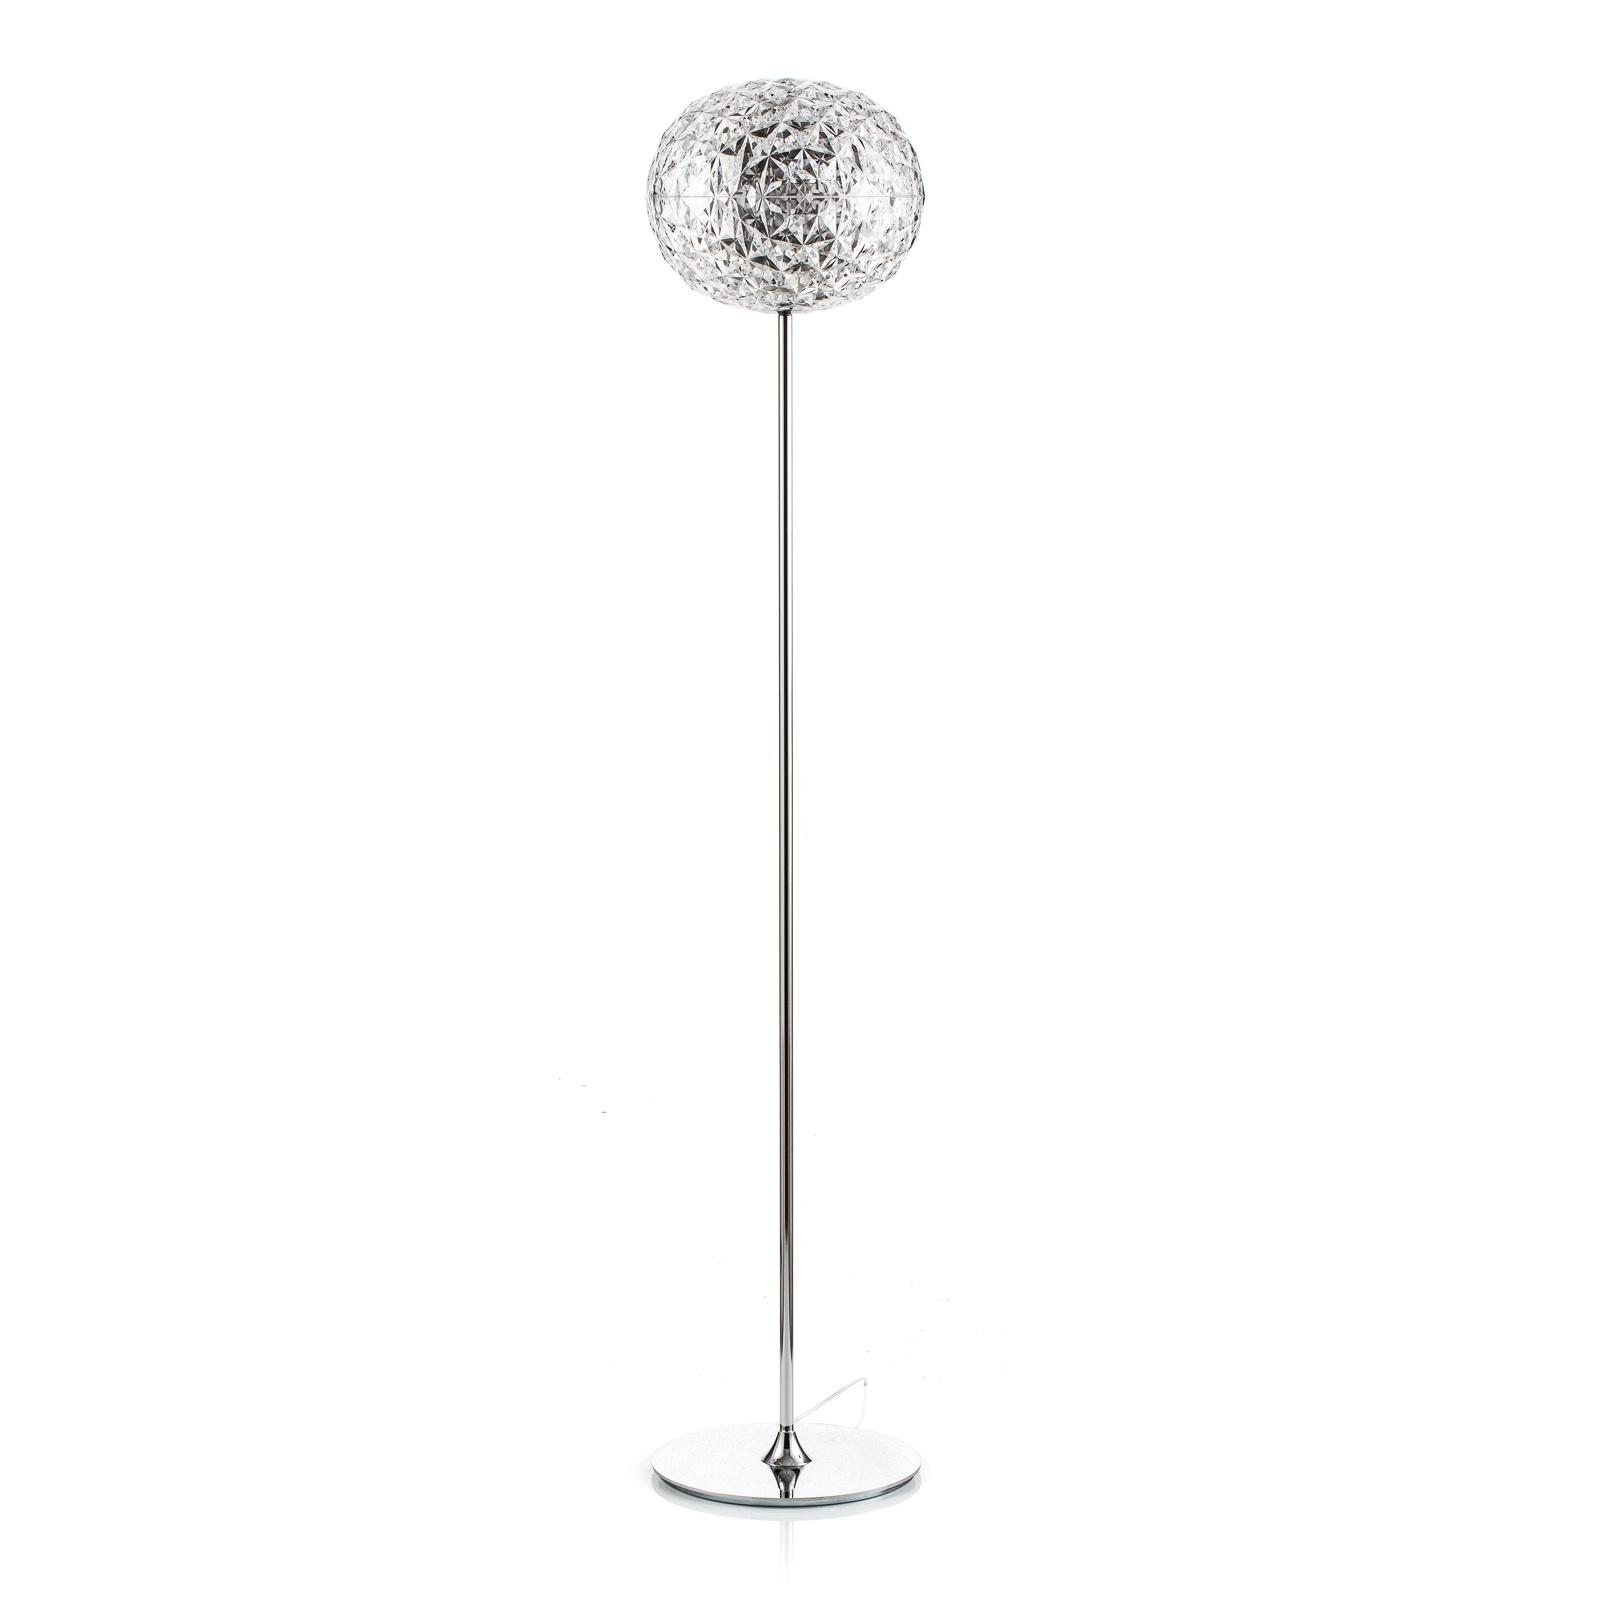 Kartell Planet LED-Stehleuchte 160cm kristallklar